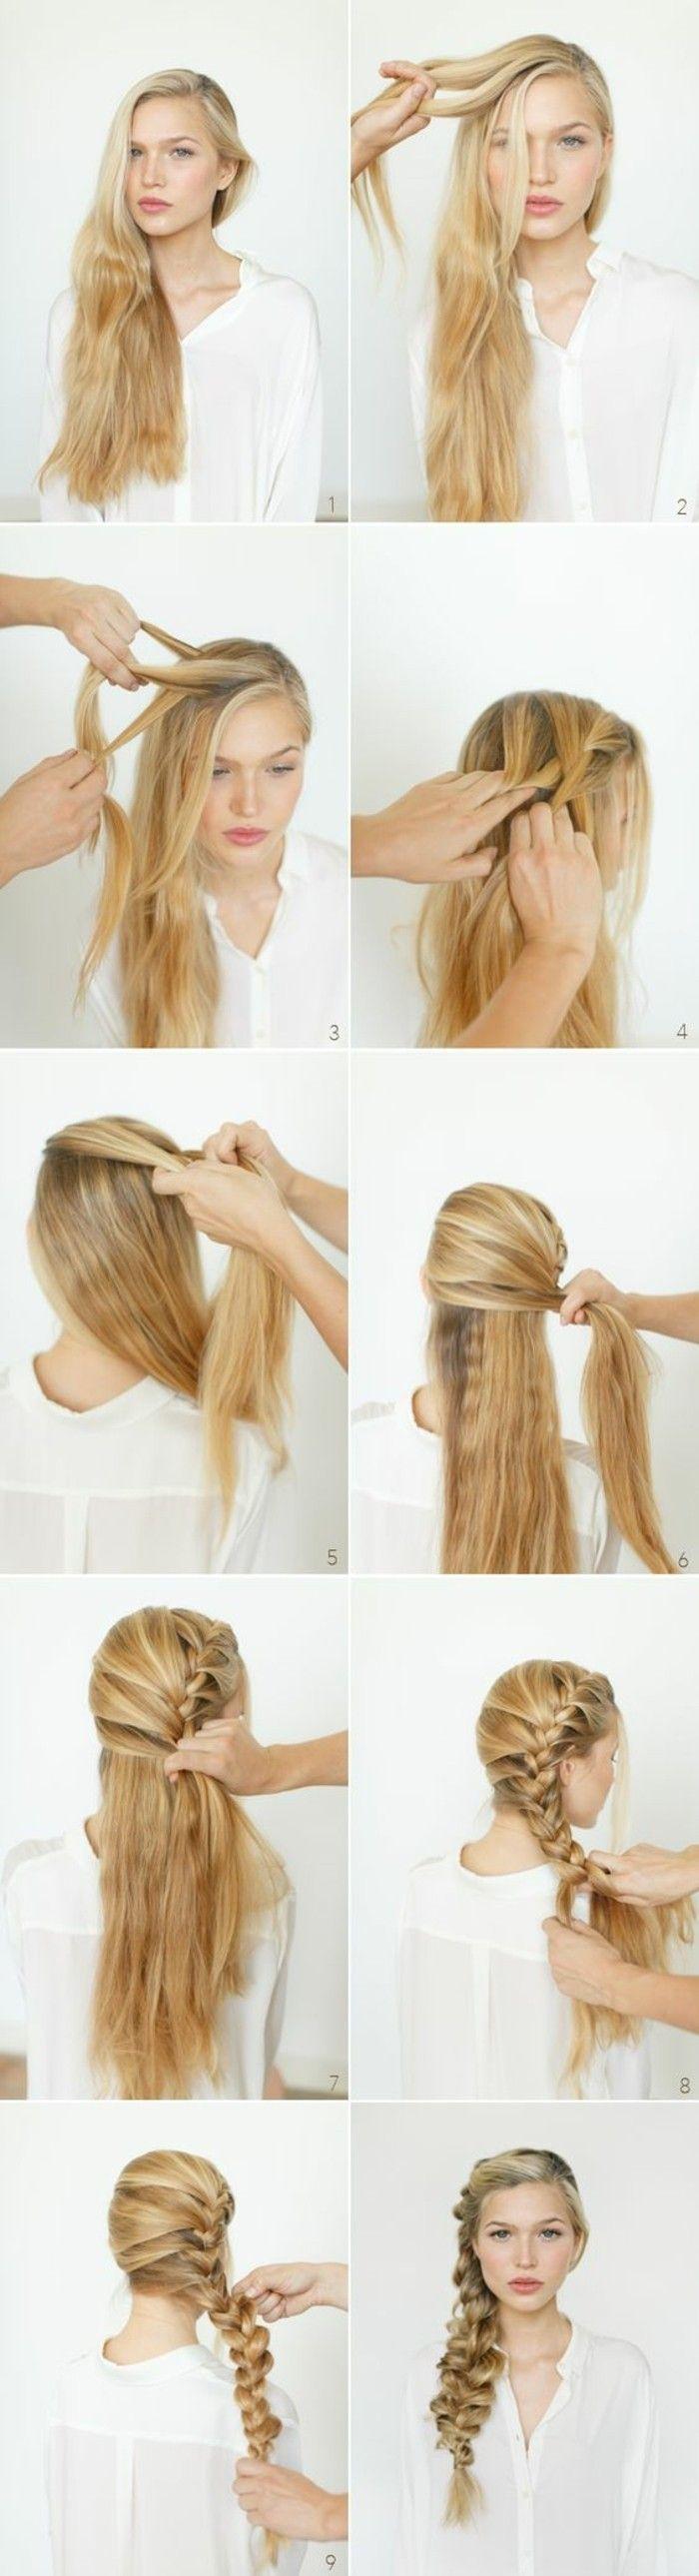 coiffure femme cheveux long tuto coupes de cheveux et. Black Bedroom Furniture Sets. Home Design Ideas